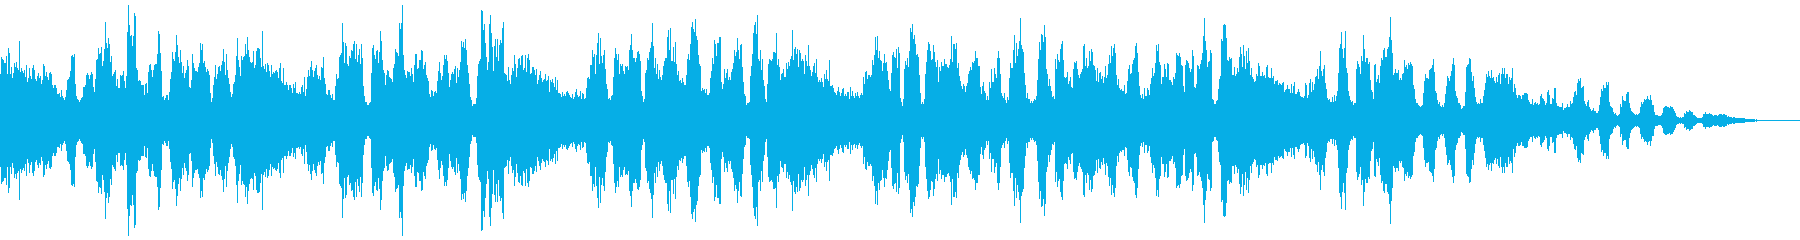 みんみん蟬の環境音です。の再生済みの波形